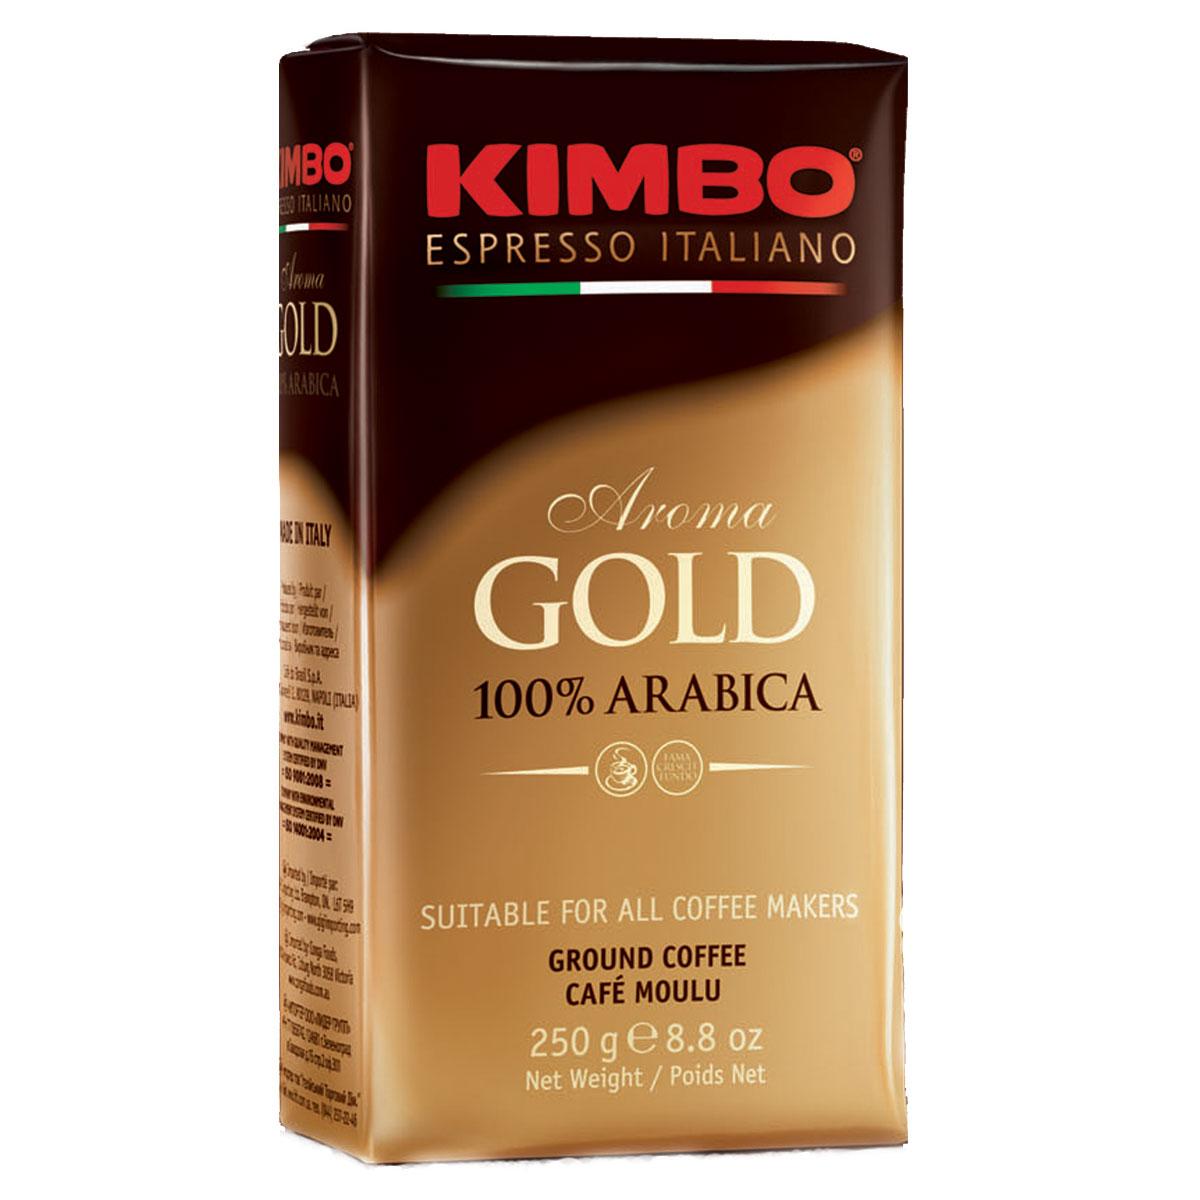 Kimbo Aroma Gold 100% Arabica кофе молотый, 250 г8002200102111Натуральный жареный молотый кофе Kimbo Aroma Gold 100% Arabica. Смесь превосходной арабики отличается нежным вкусом, мягкой кислинкой и тонким ароматом. Состав смеси: 100% арабика.